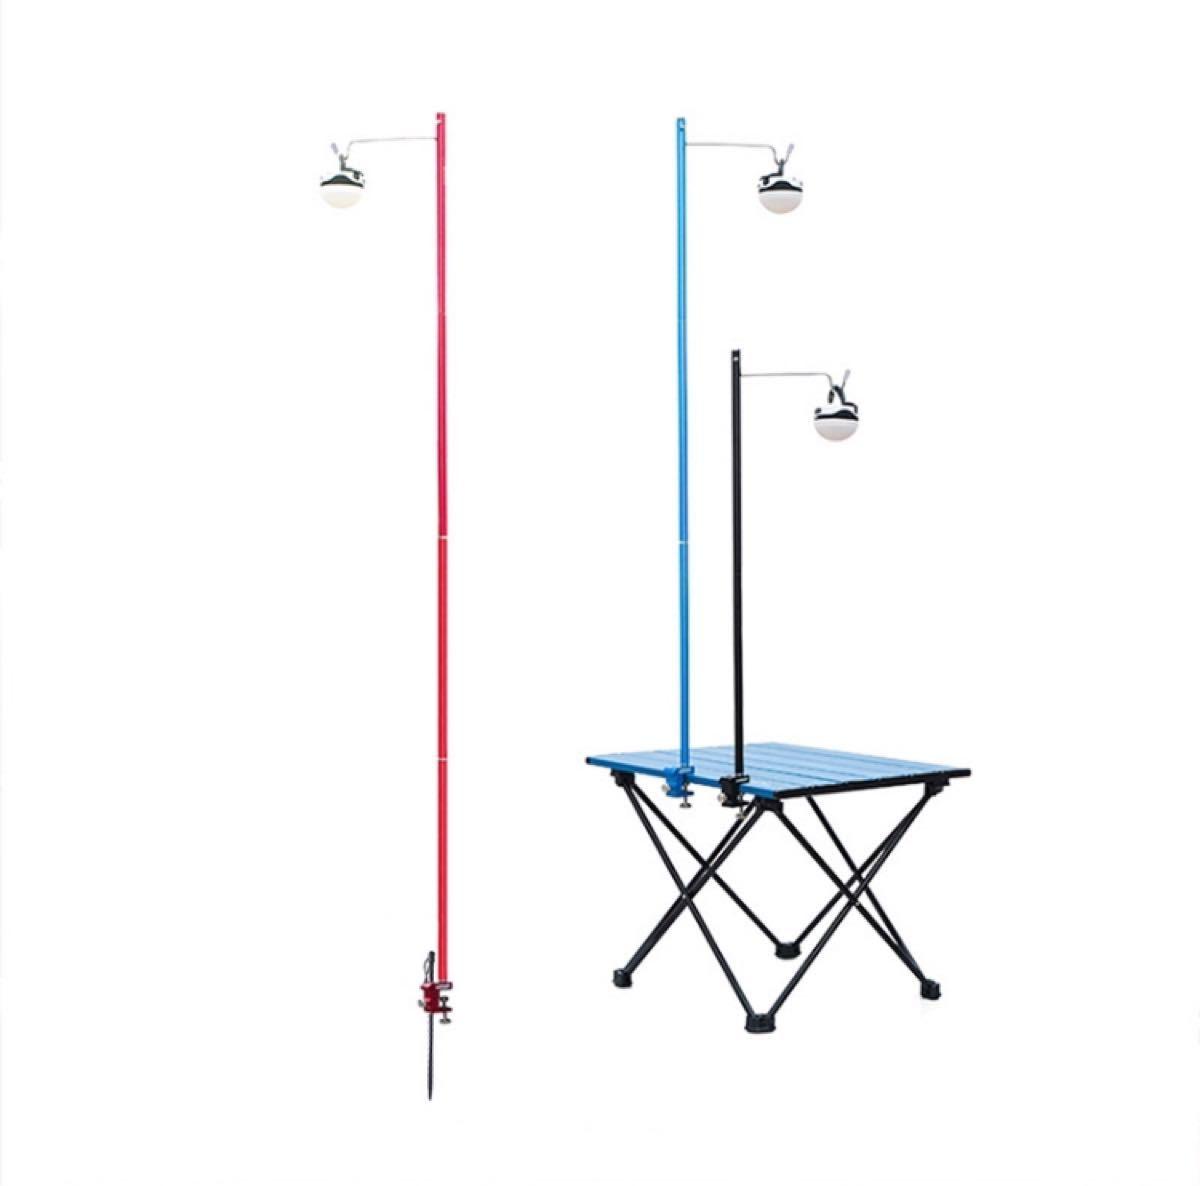 ランタンスタンド  テーブルと地面両用 ランタンハンガー 高強度アルミ レッド